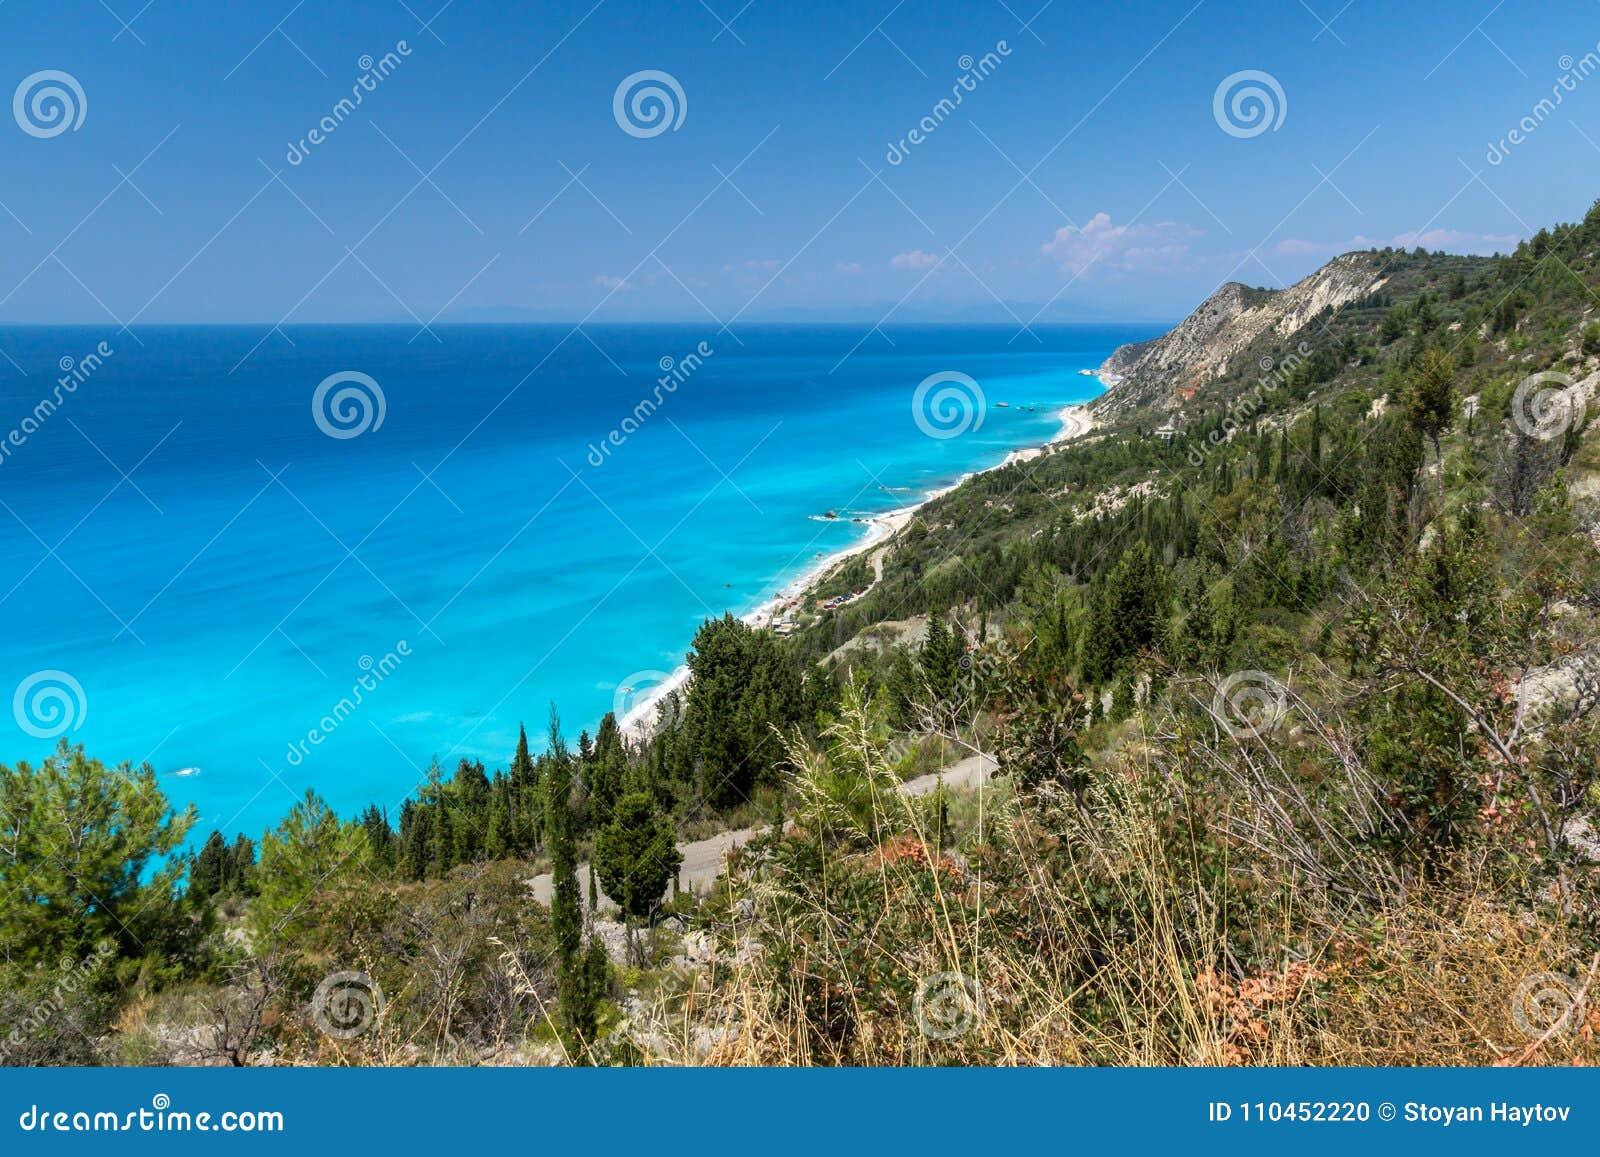 Paesaggio panoramico con acque blu, Leucade, Grecia